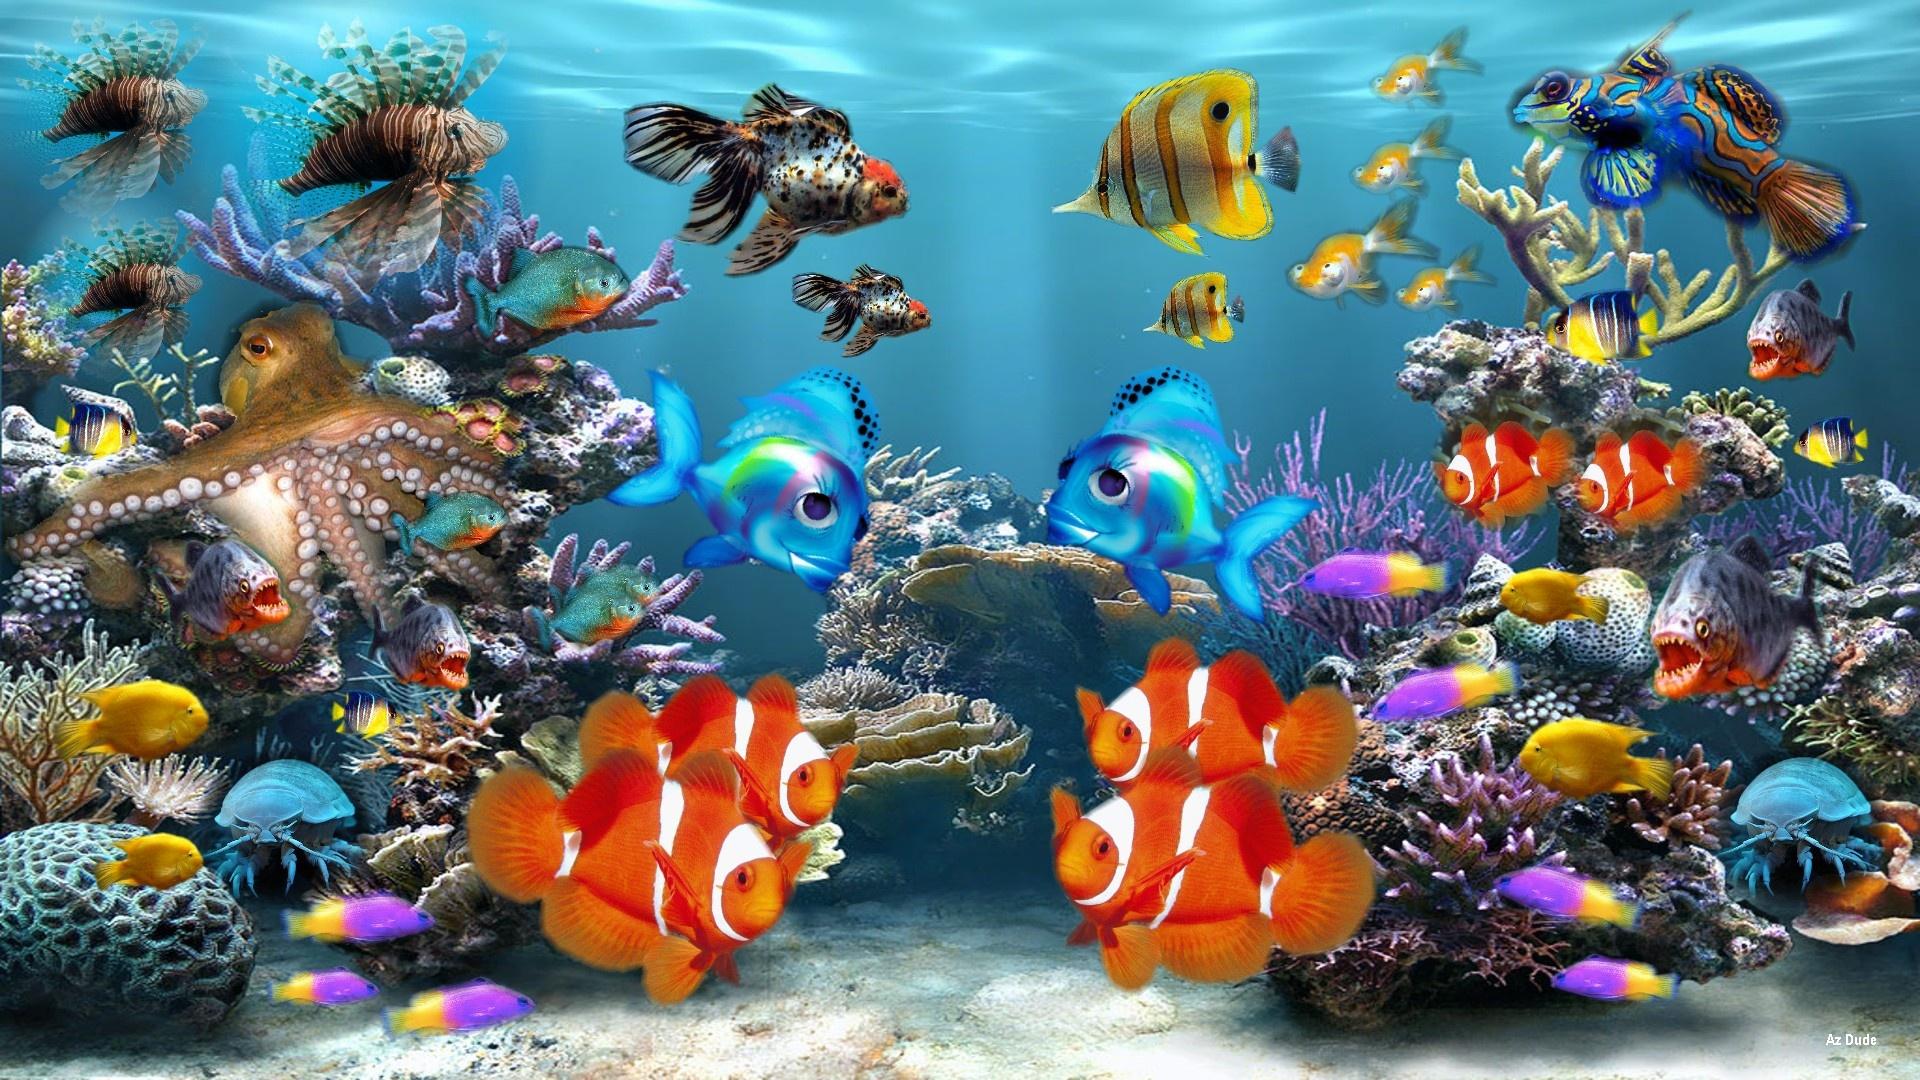 Fish aquarium live wallpaper for pc - Download Aquarium Wallpaper 1920x1080 Full Hd Wallpapers